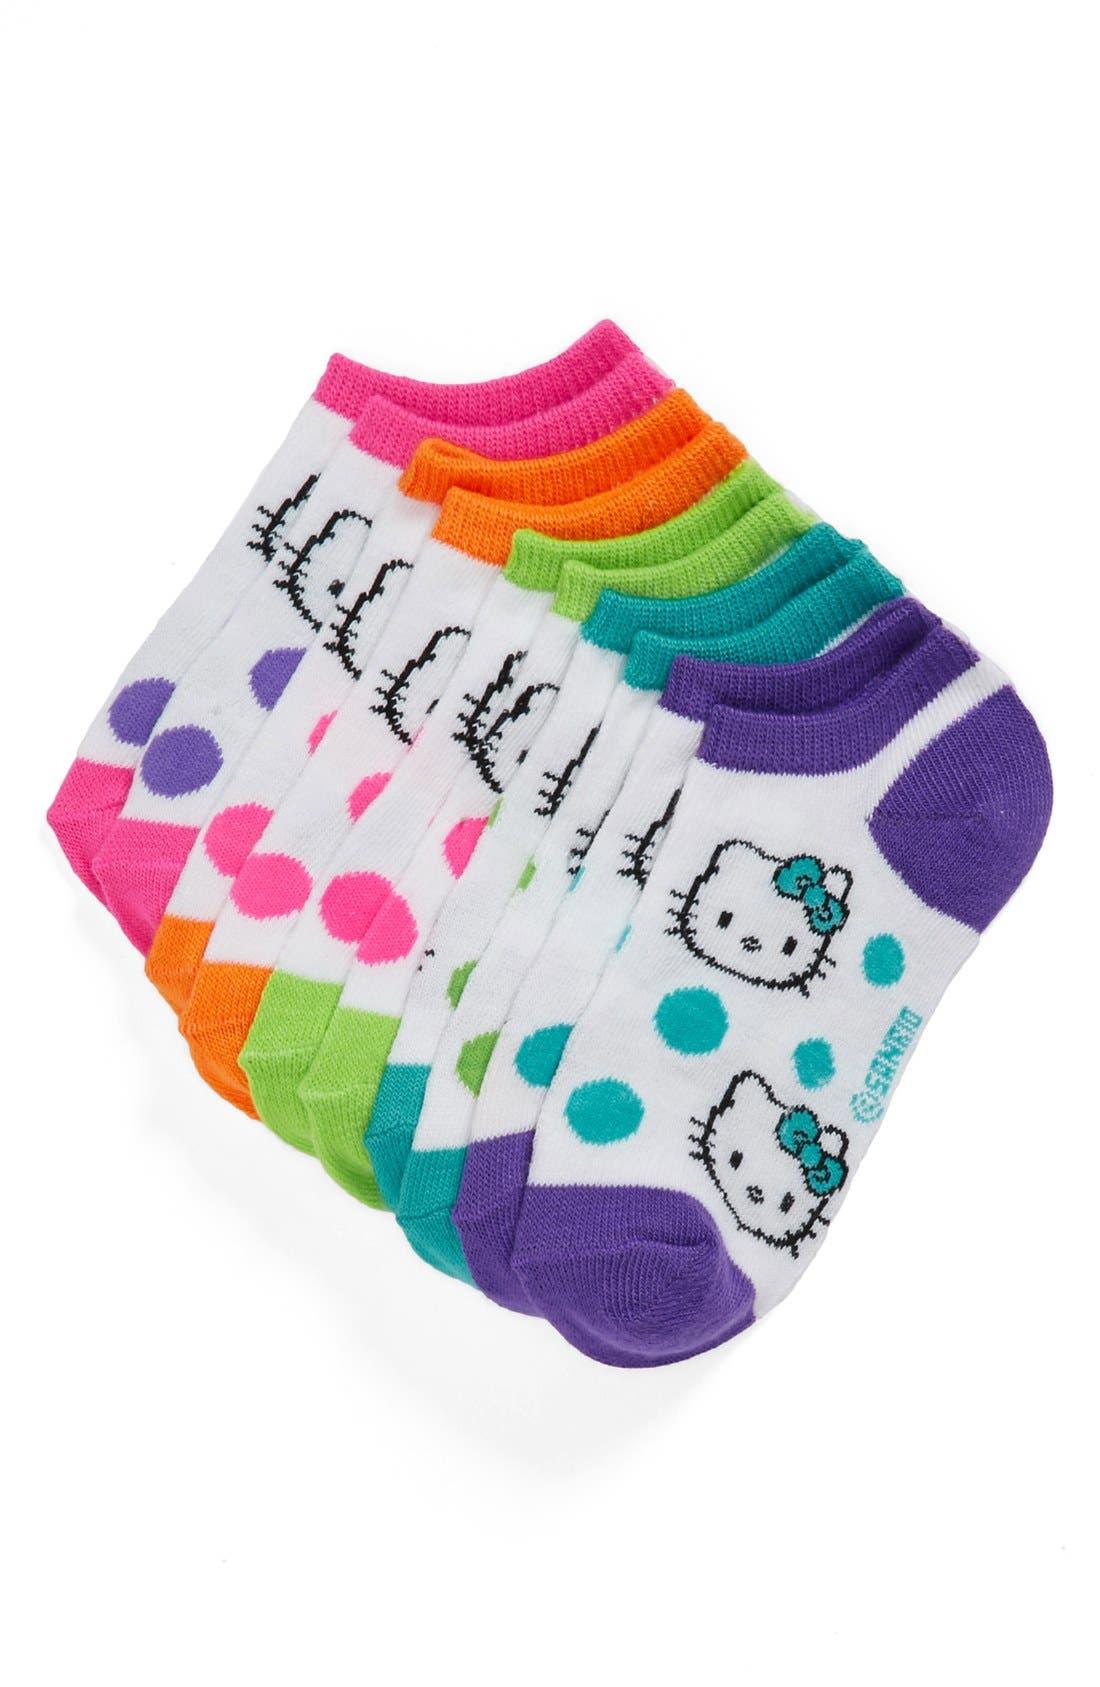 Main Image - Hello Kitty® 'Dot' Socks (5-Pack) (Walker Girls & Toddler Girls)